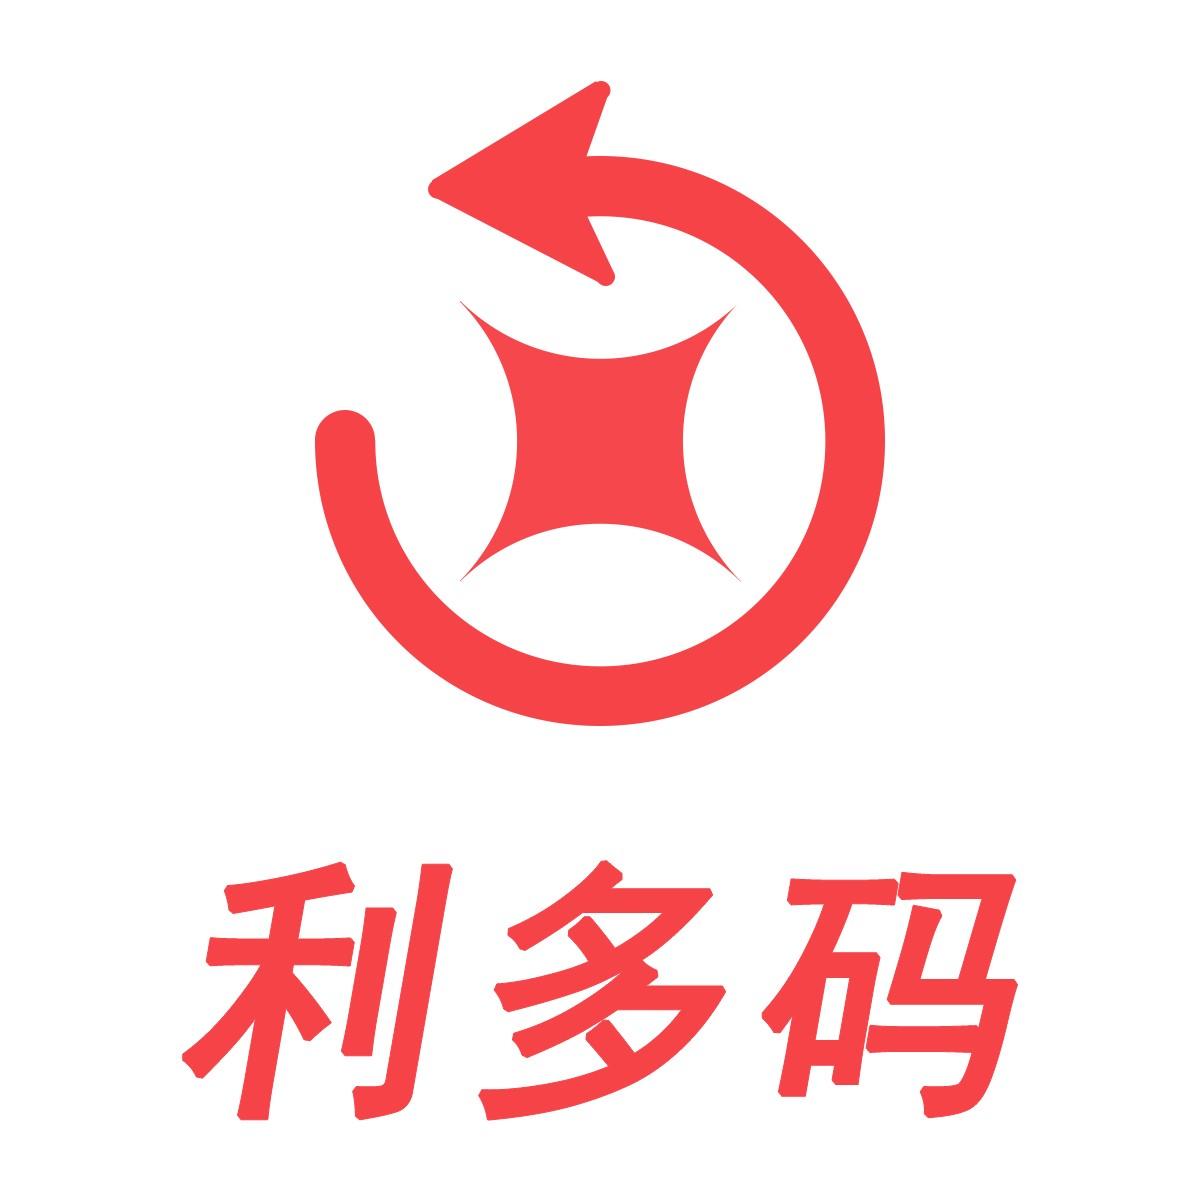 立返利(北京)信息技术有限公司